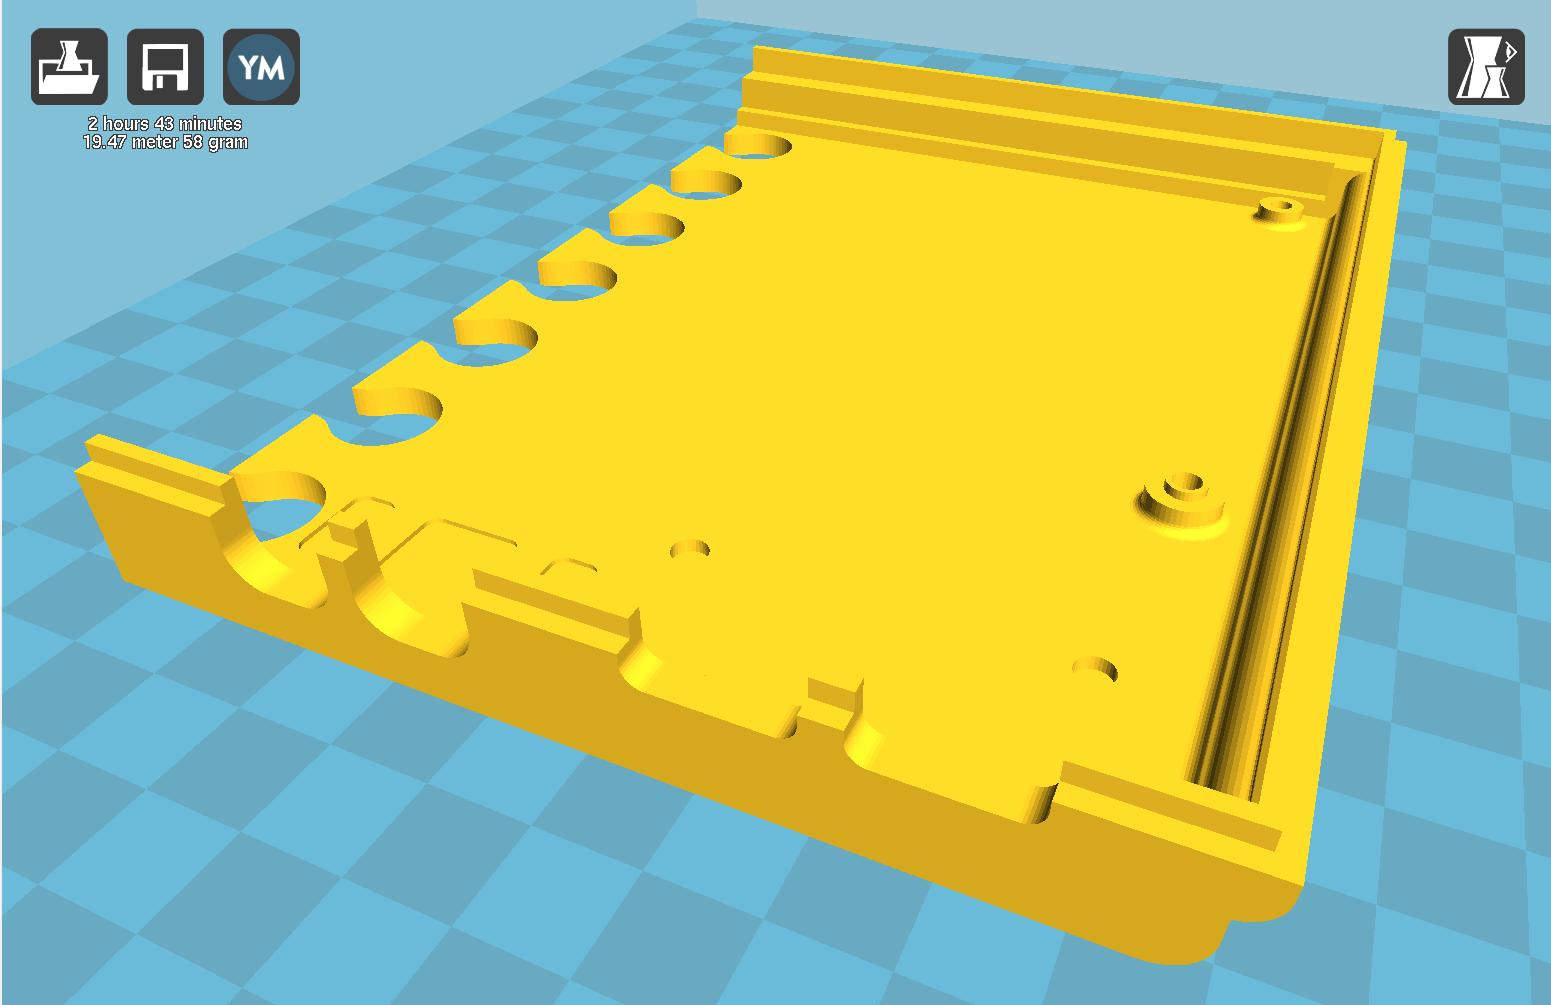 Vista previa de la base, parte izquierda. Versión 4 piezas.